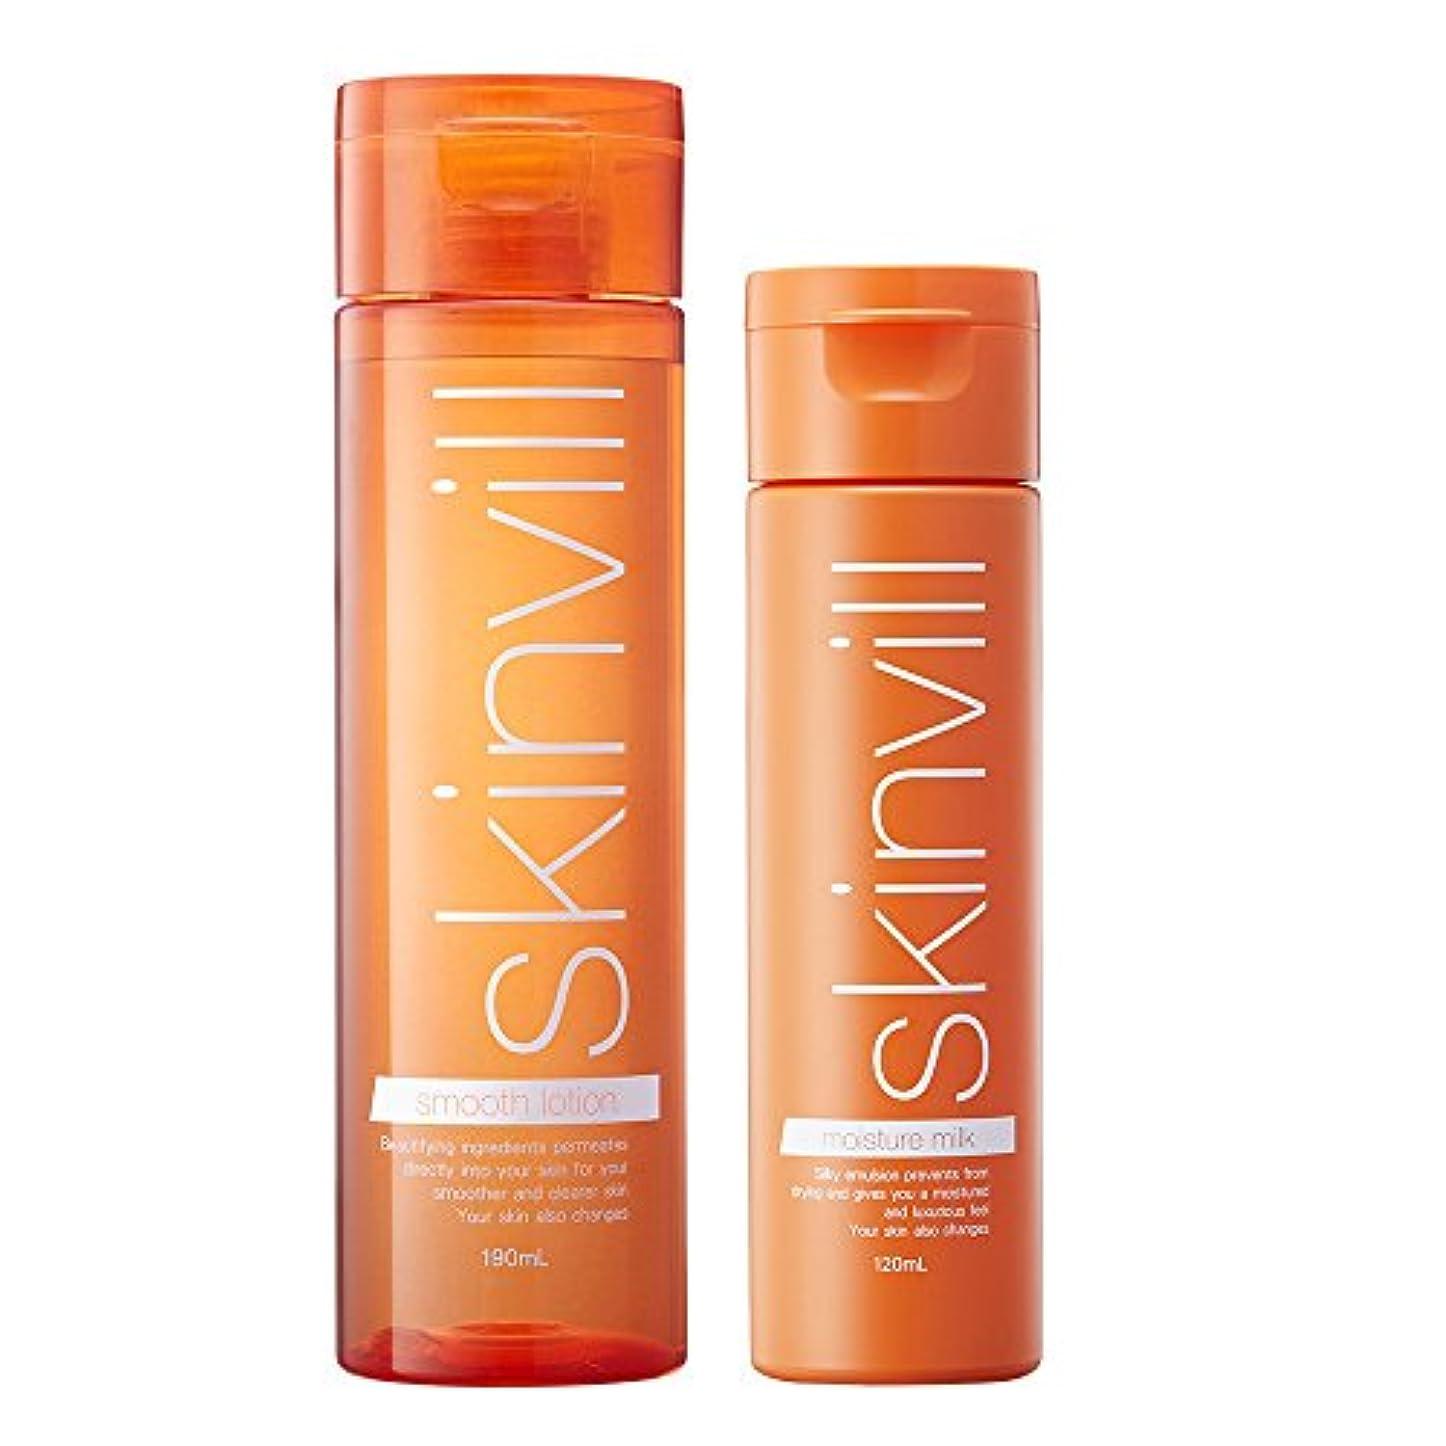 アンソロジー女王届ける【セット】 skinvill スキンビル スムースローション 化粧水 190ml & モイスチャーミルク 乳液 120ml